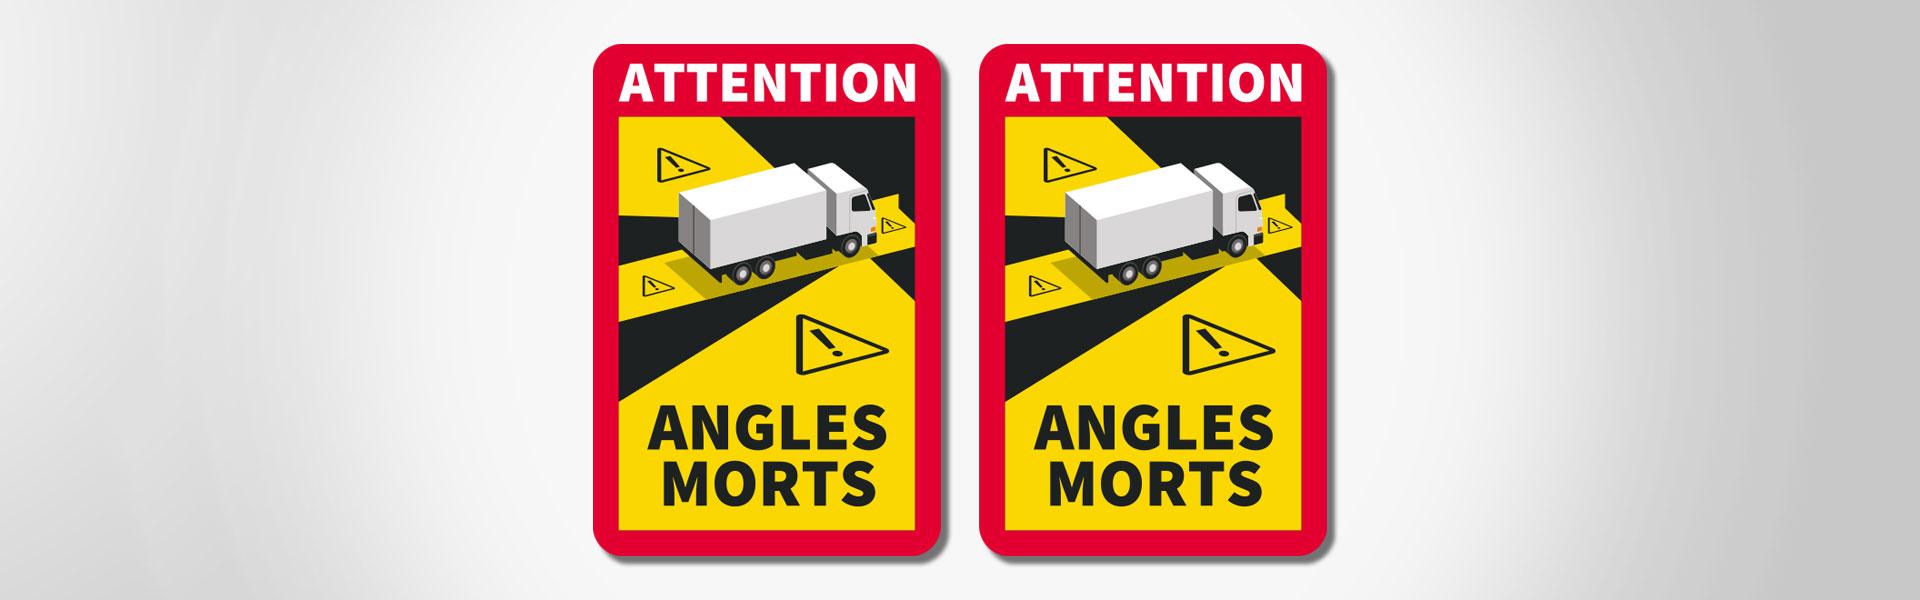 Nouvelle signalisation des angles morts pour les véhicules lourds